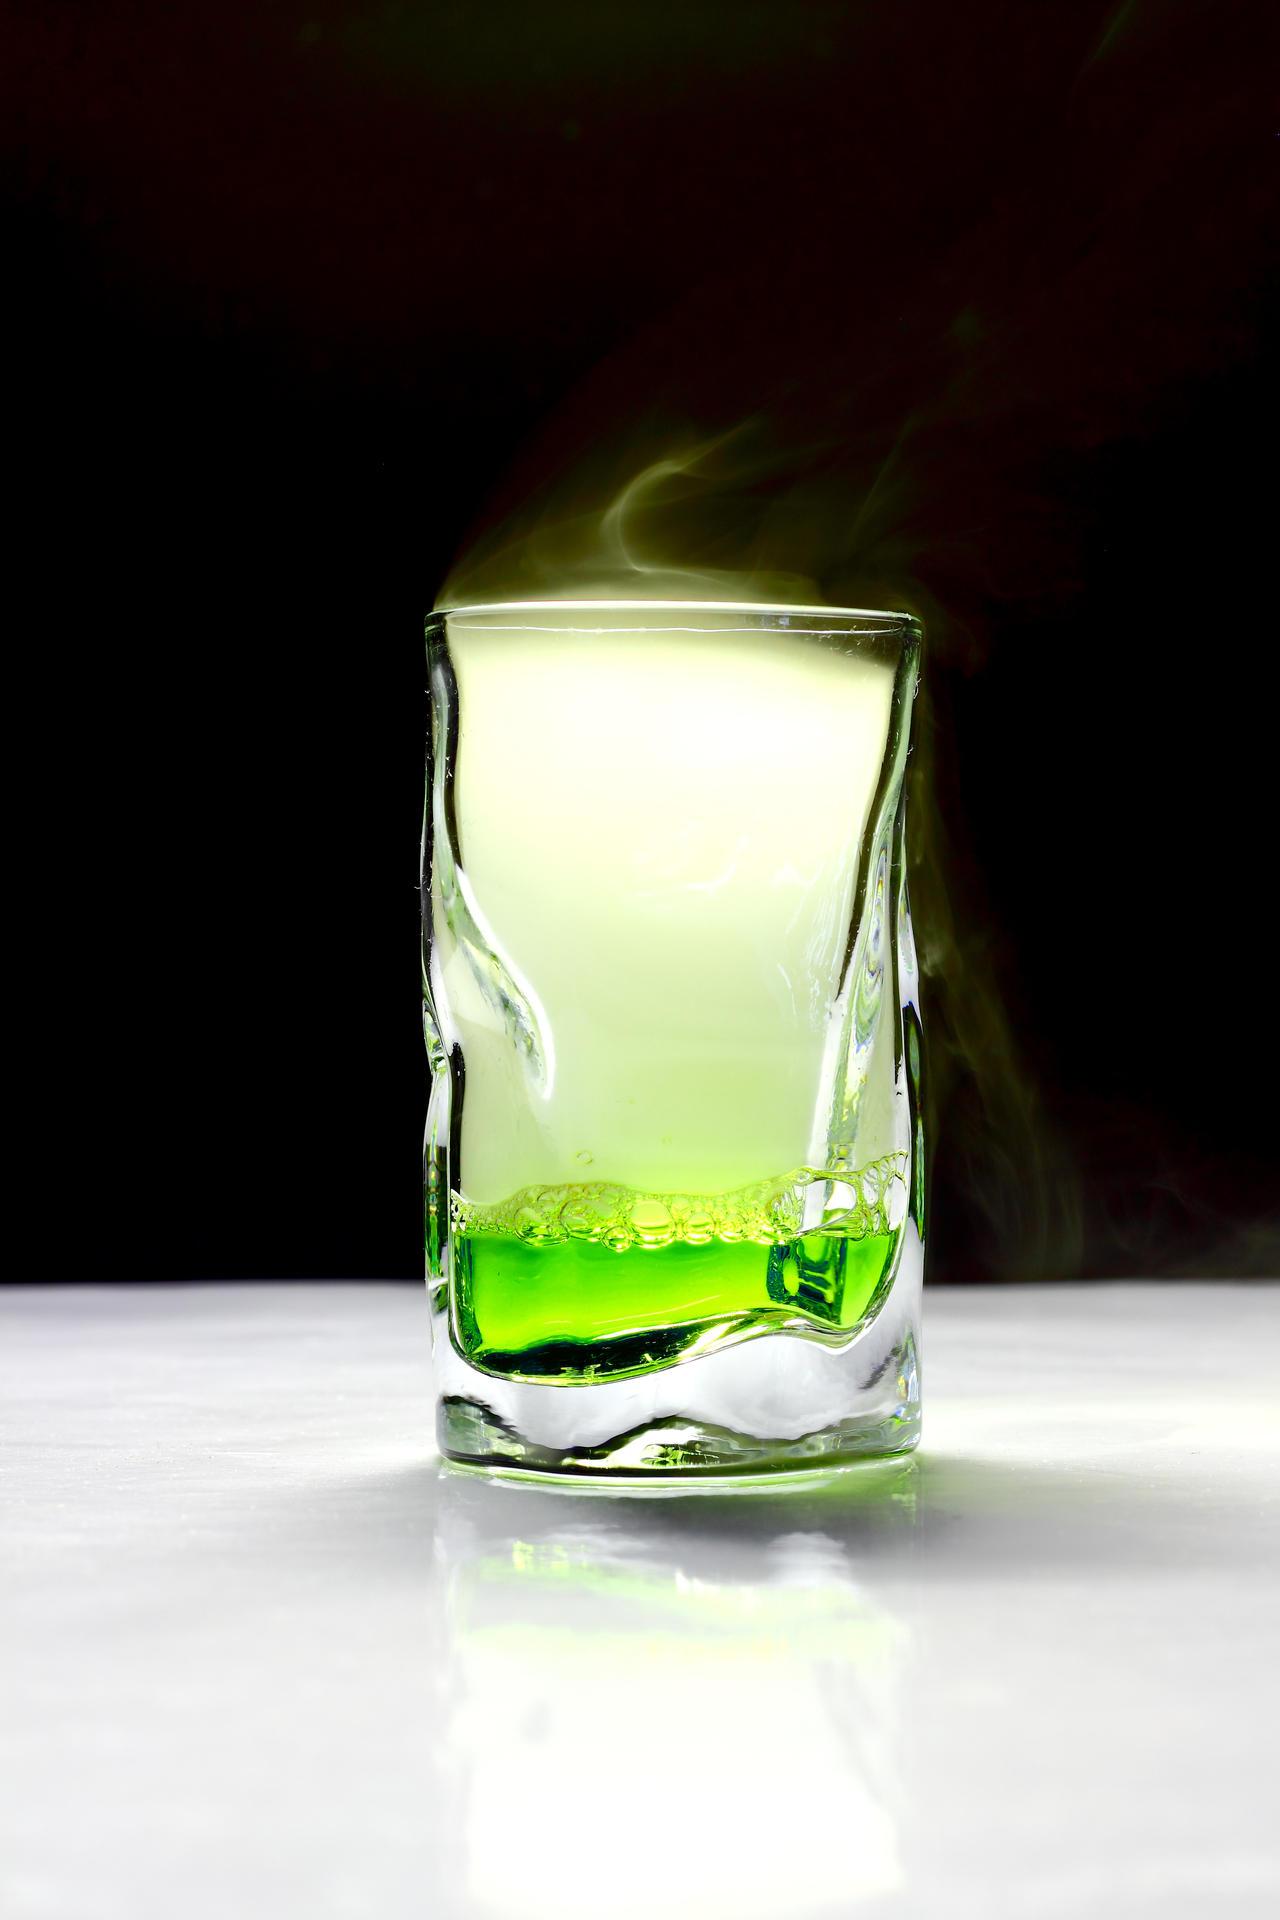 Toxic by uosiek1